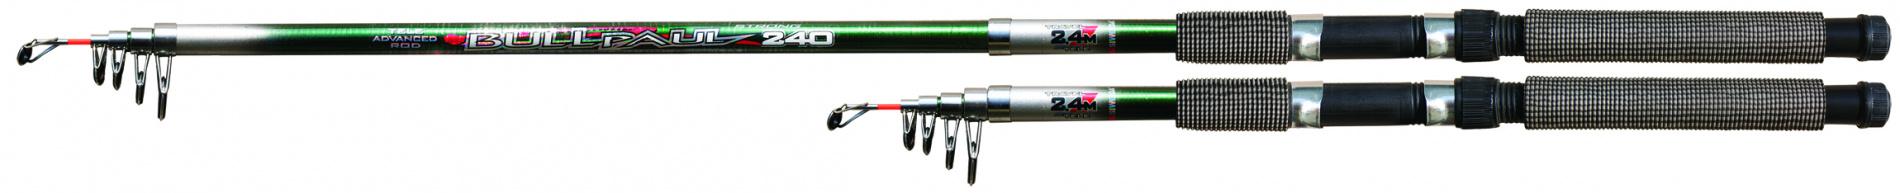 Спиннинг тел. SWD BULL-PAUL 3,6м (30-60г)Спинниги<br>Телескопический спиннинг длиной 3,6м с тестом <br>30-60г изготовленный из стеклопластика. Дополнительно <br>может использоваться в качестве донного <br>или поплавочного удилища.<br>